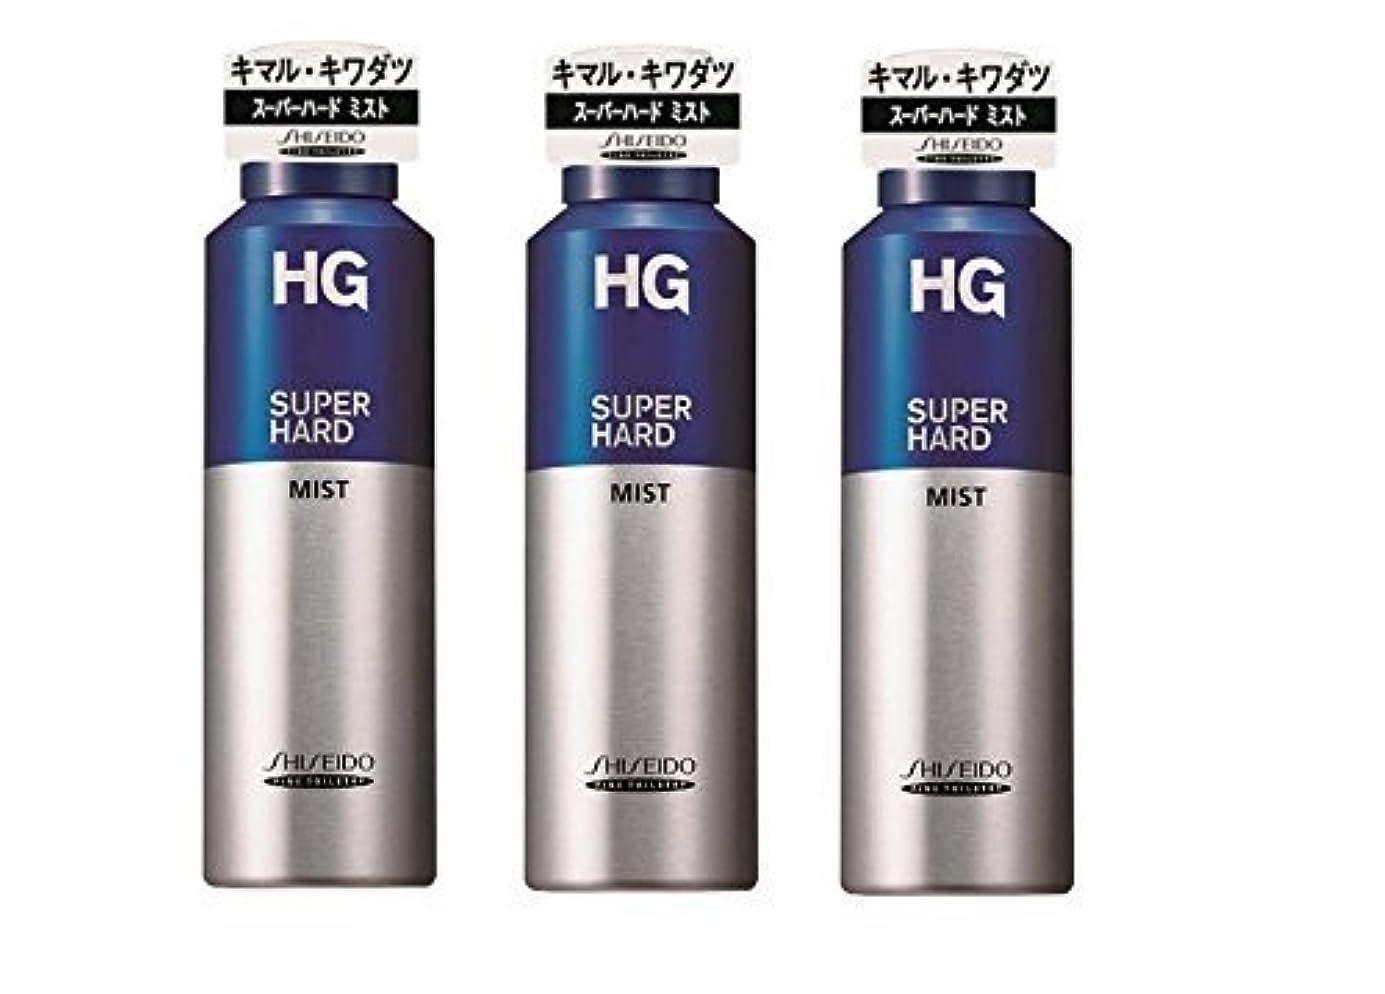 視線禁止するエンジニア【まとめ買い】HG スーパーハード ミスト 150g×3個